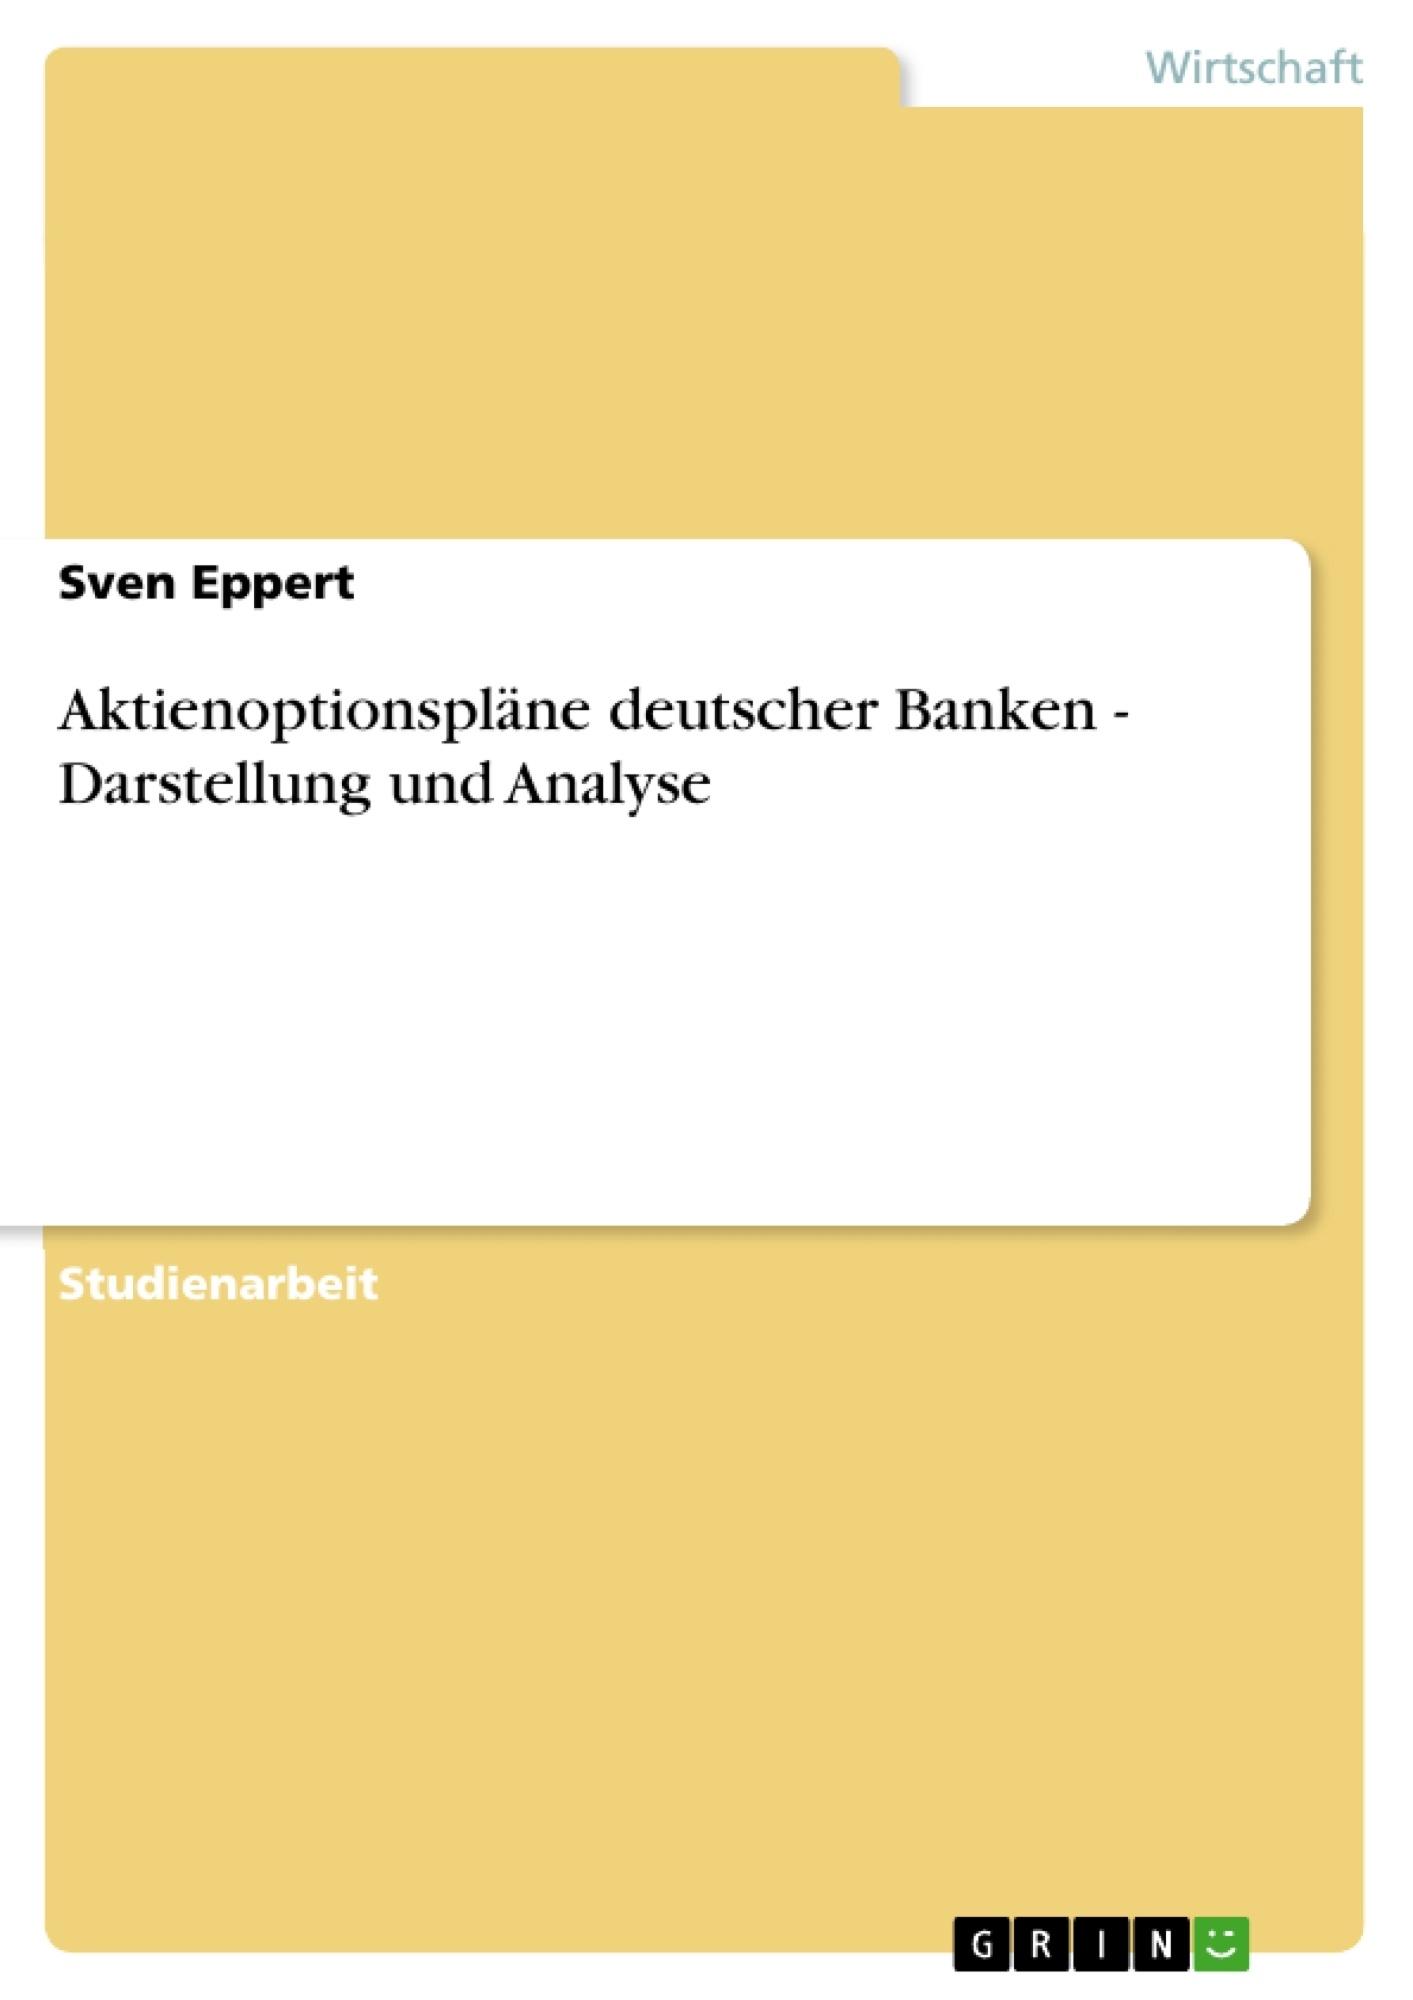 Titel: Aktienoptionspläne deutscher Banken - Darstellung und Analyse